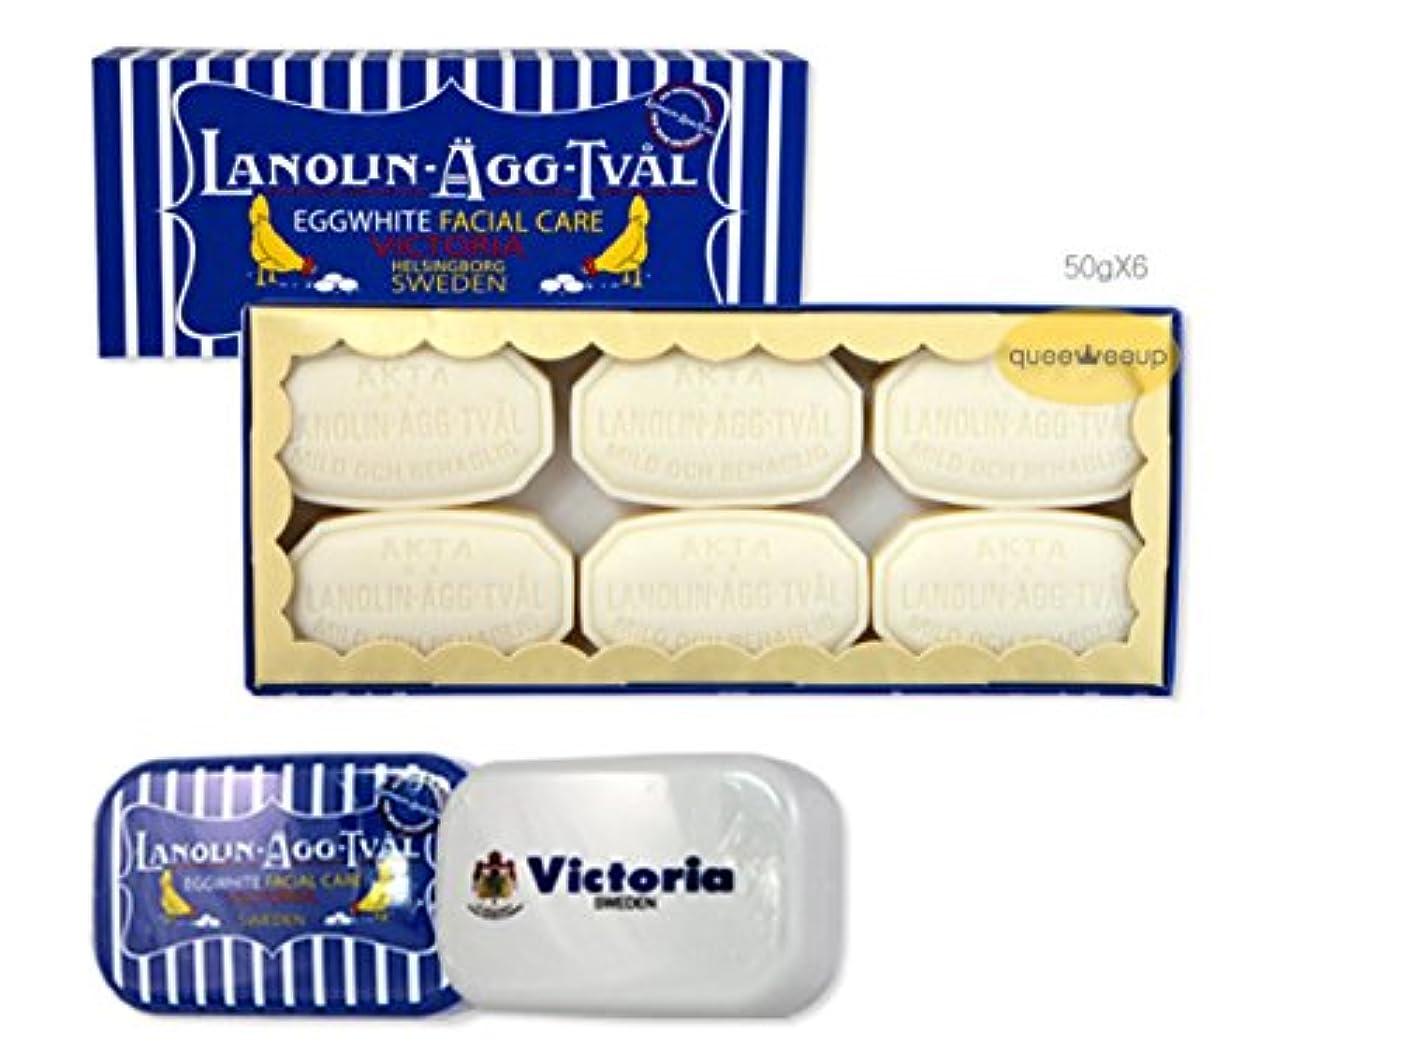 劇的派生する受粉者Victoria (ヴィクトリア) ニュースウェーデンエッグパックソープ 50g×6個 + ケース NEW Sweden Egg Pack